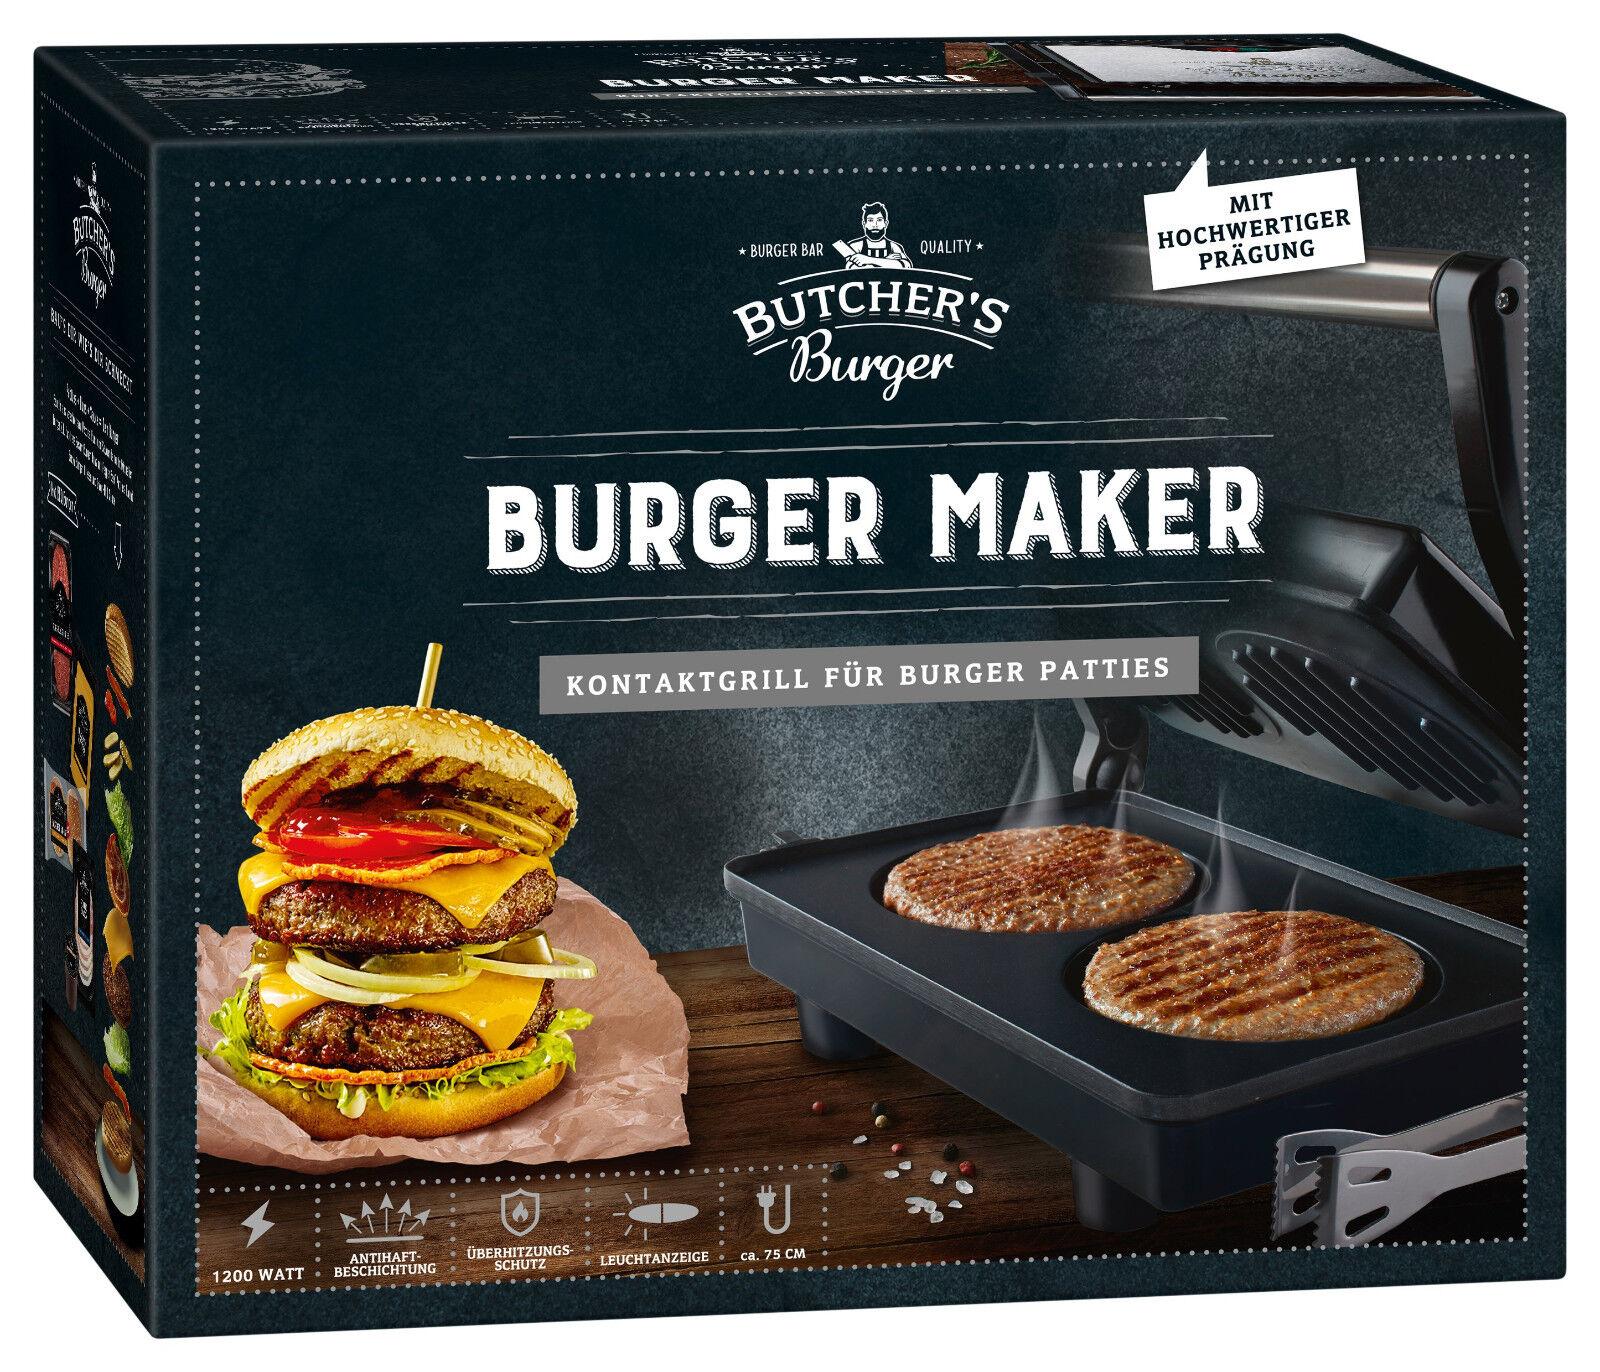 Butchers Burger Maker elektrischer Burger-Grill Hamburger-Maker BURGERBRATER TOP